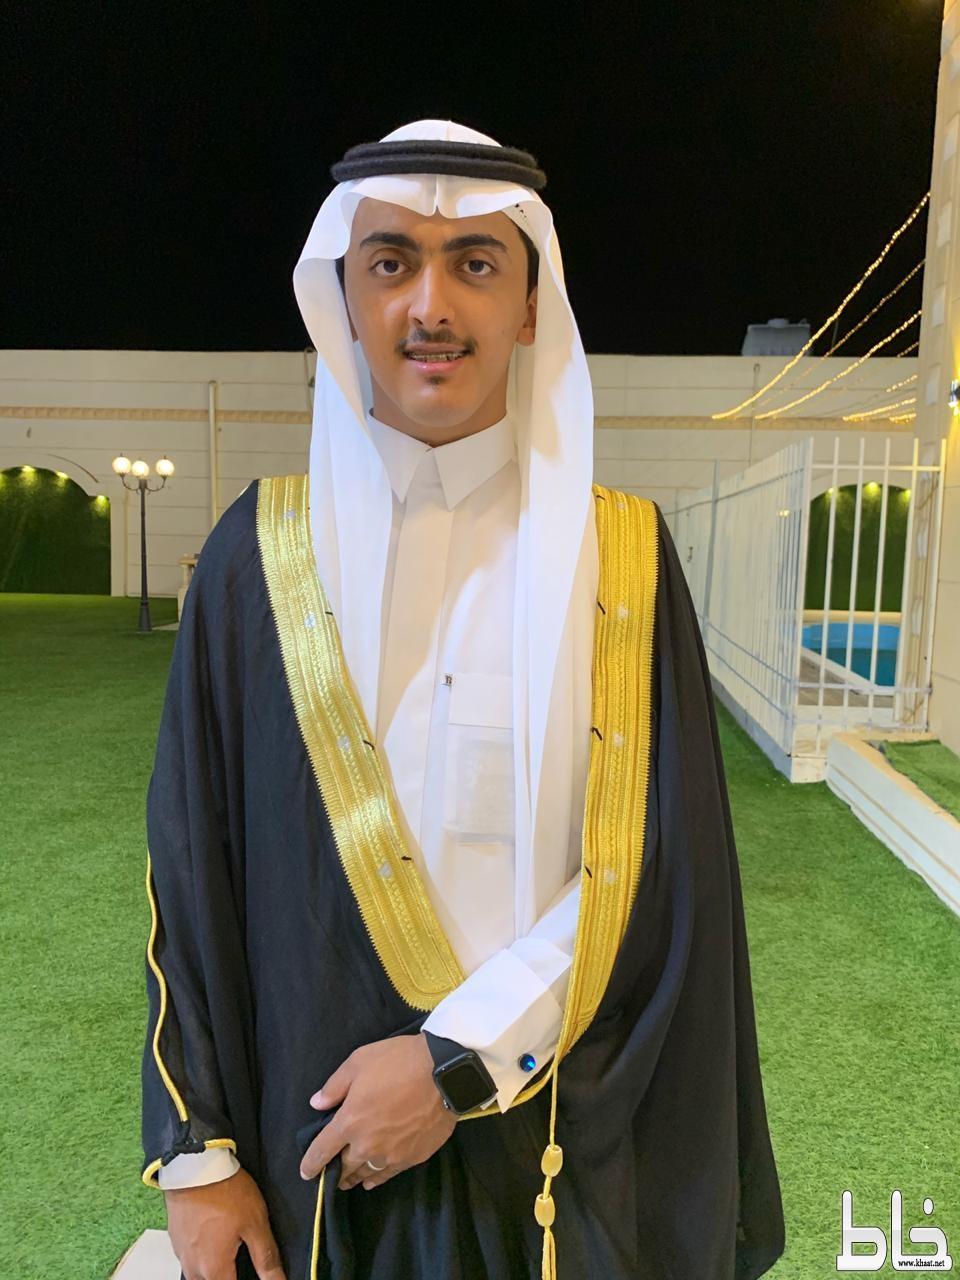 ياسر علي الصميدي يحتفل بزواجه